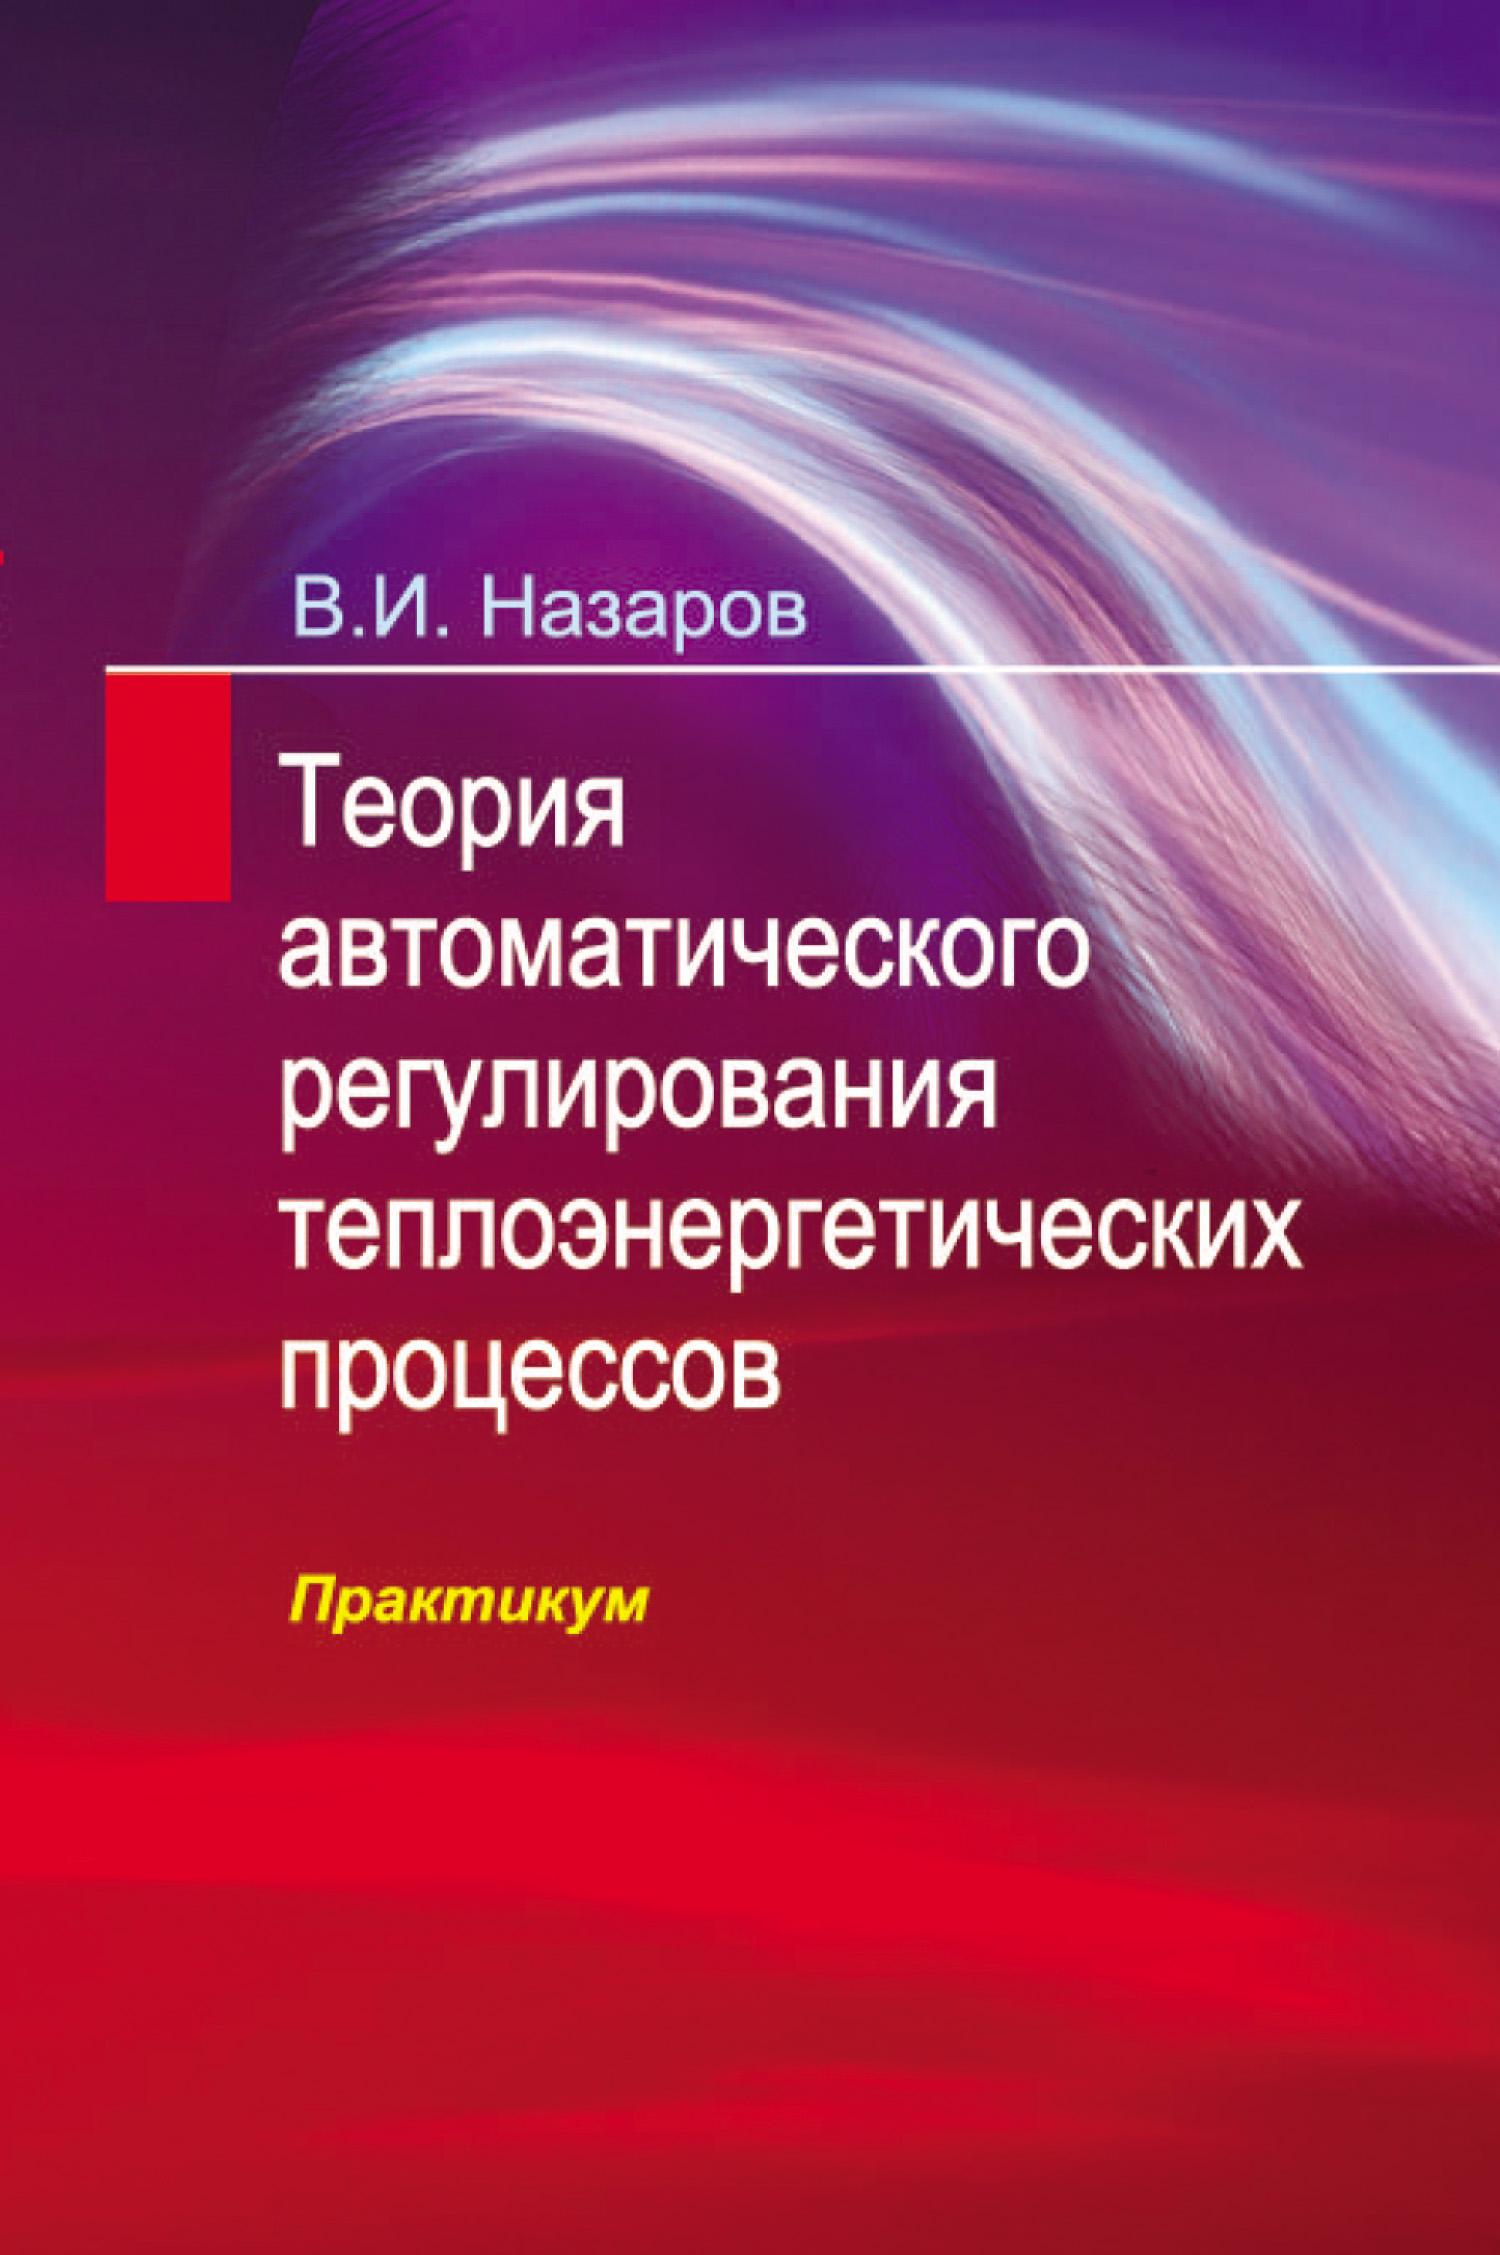 В. И. Назаров Теория автоматического регулирования теплоэнергетических процессов. Практикум математическое моделирование процессов в машиностроении